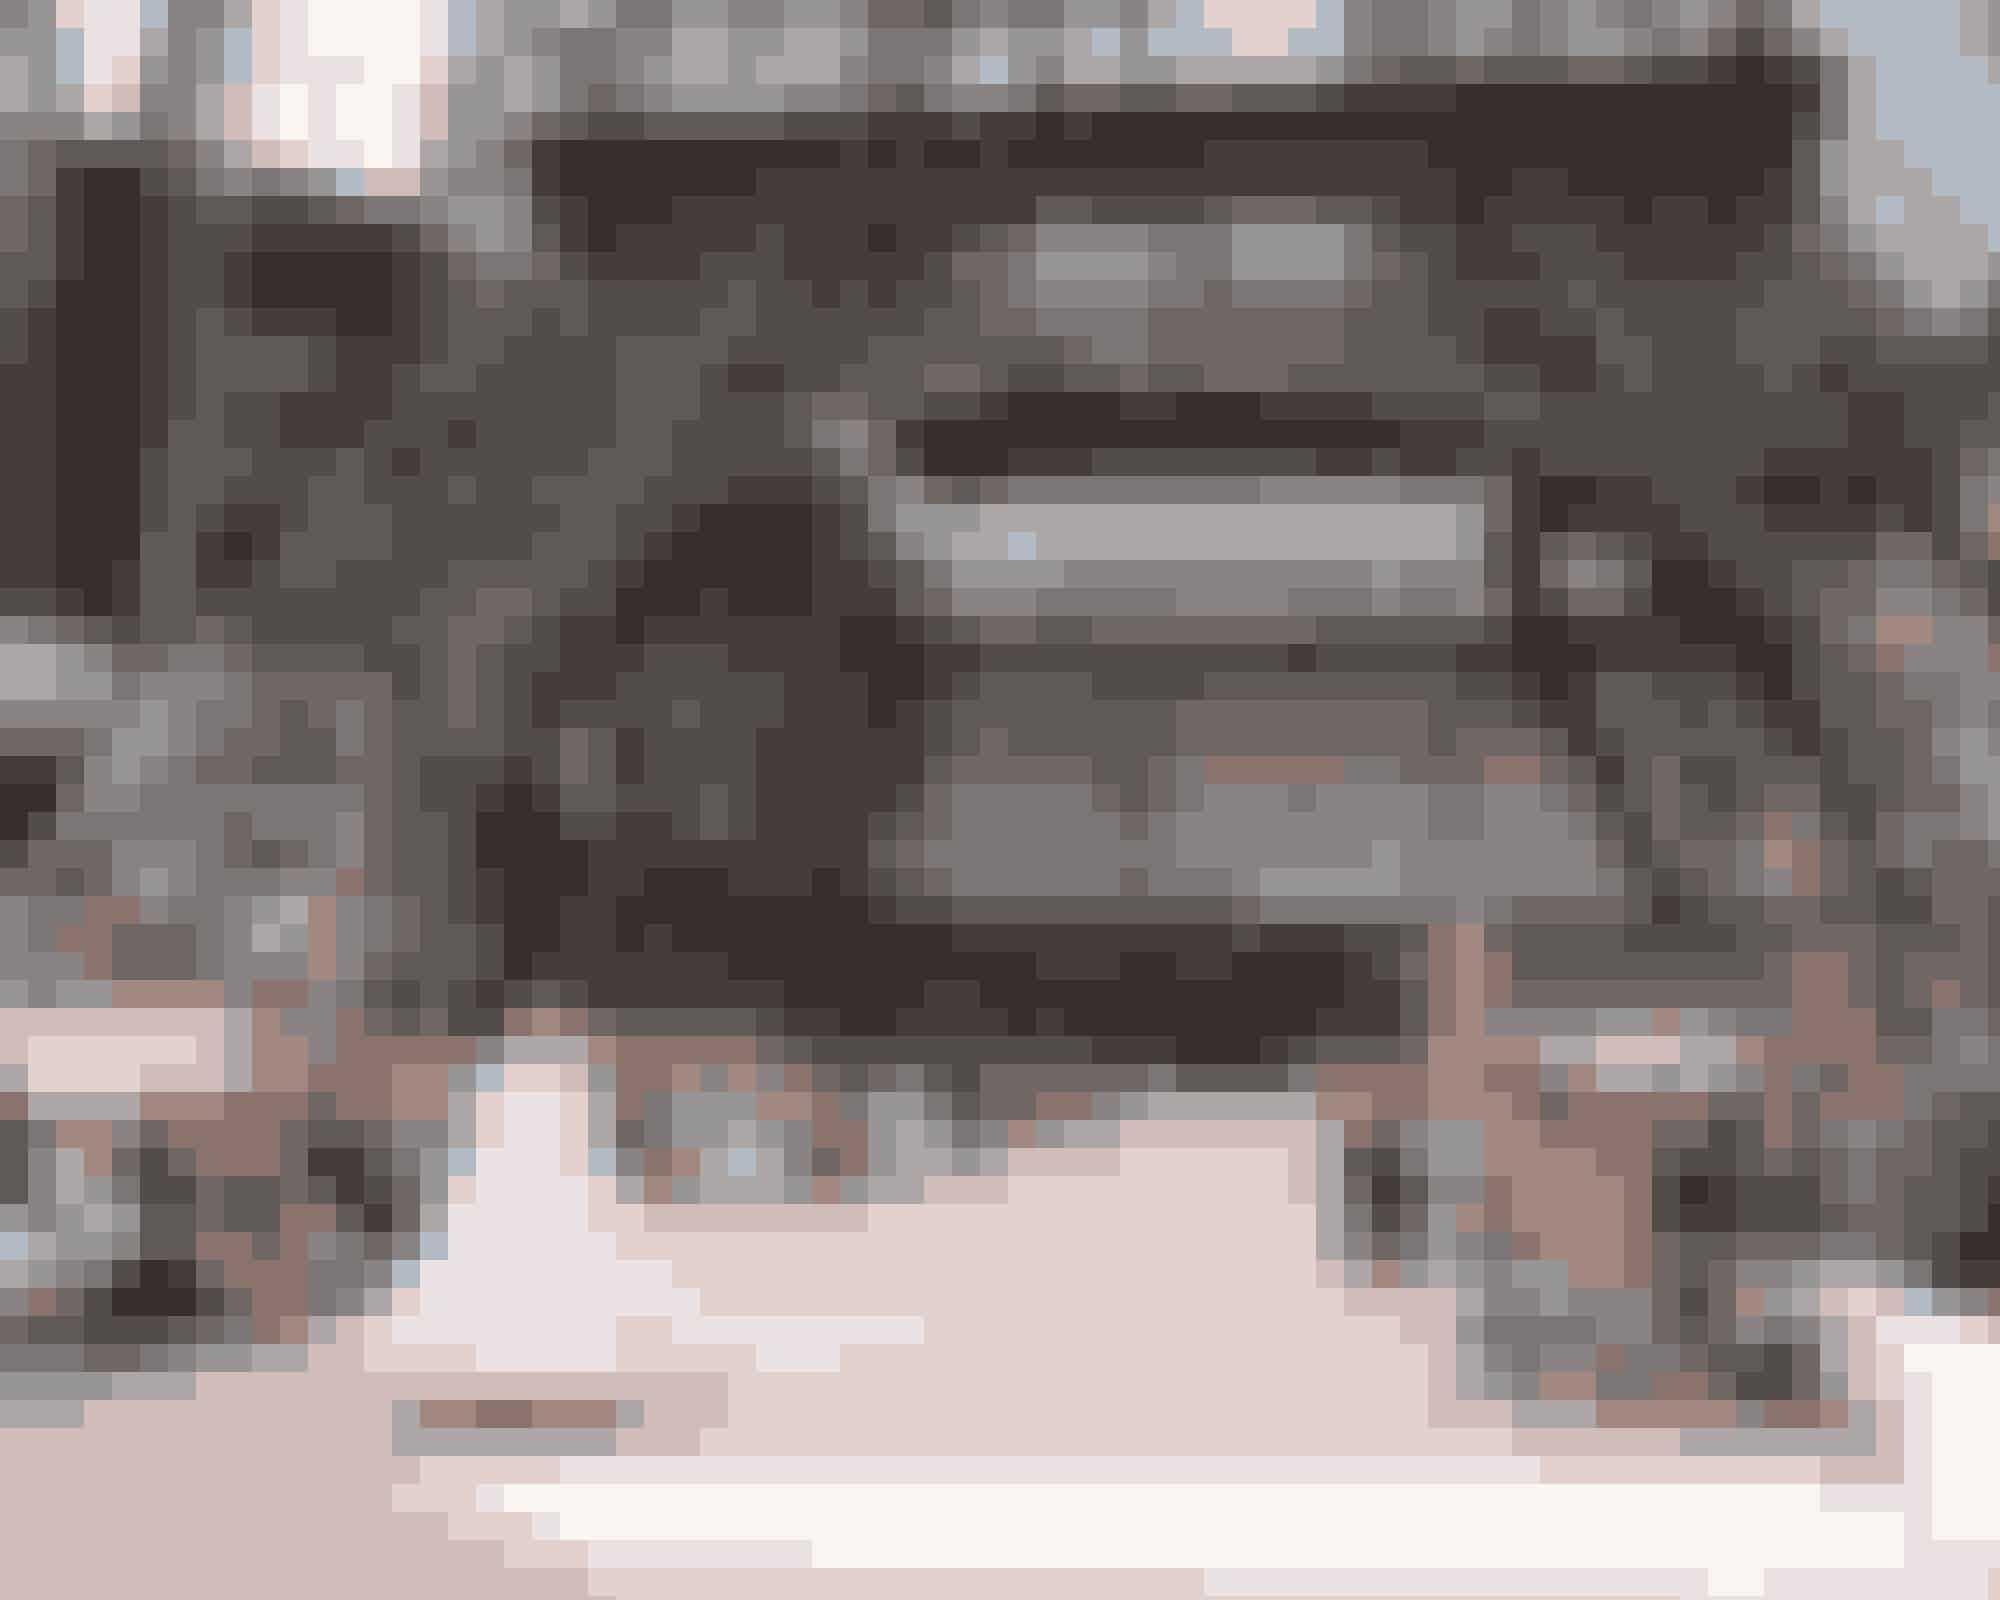 Eiffeltårn AW17 (haute couture)En slags retroshow, som hyldede alt det, der har gjort Chanel til et af verdens mest elskede brands – tweed, de korte jakker og de bløde hatte, som Coco Chanel selv gik med. Næsten lige så ultimativt parisisk som Eiffeltårnet – så det var blevet genskabt under kuplen i Grand Palais.